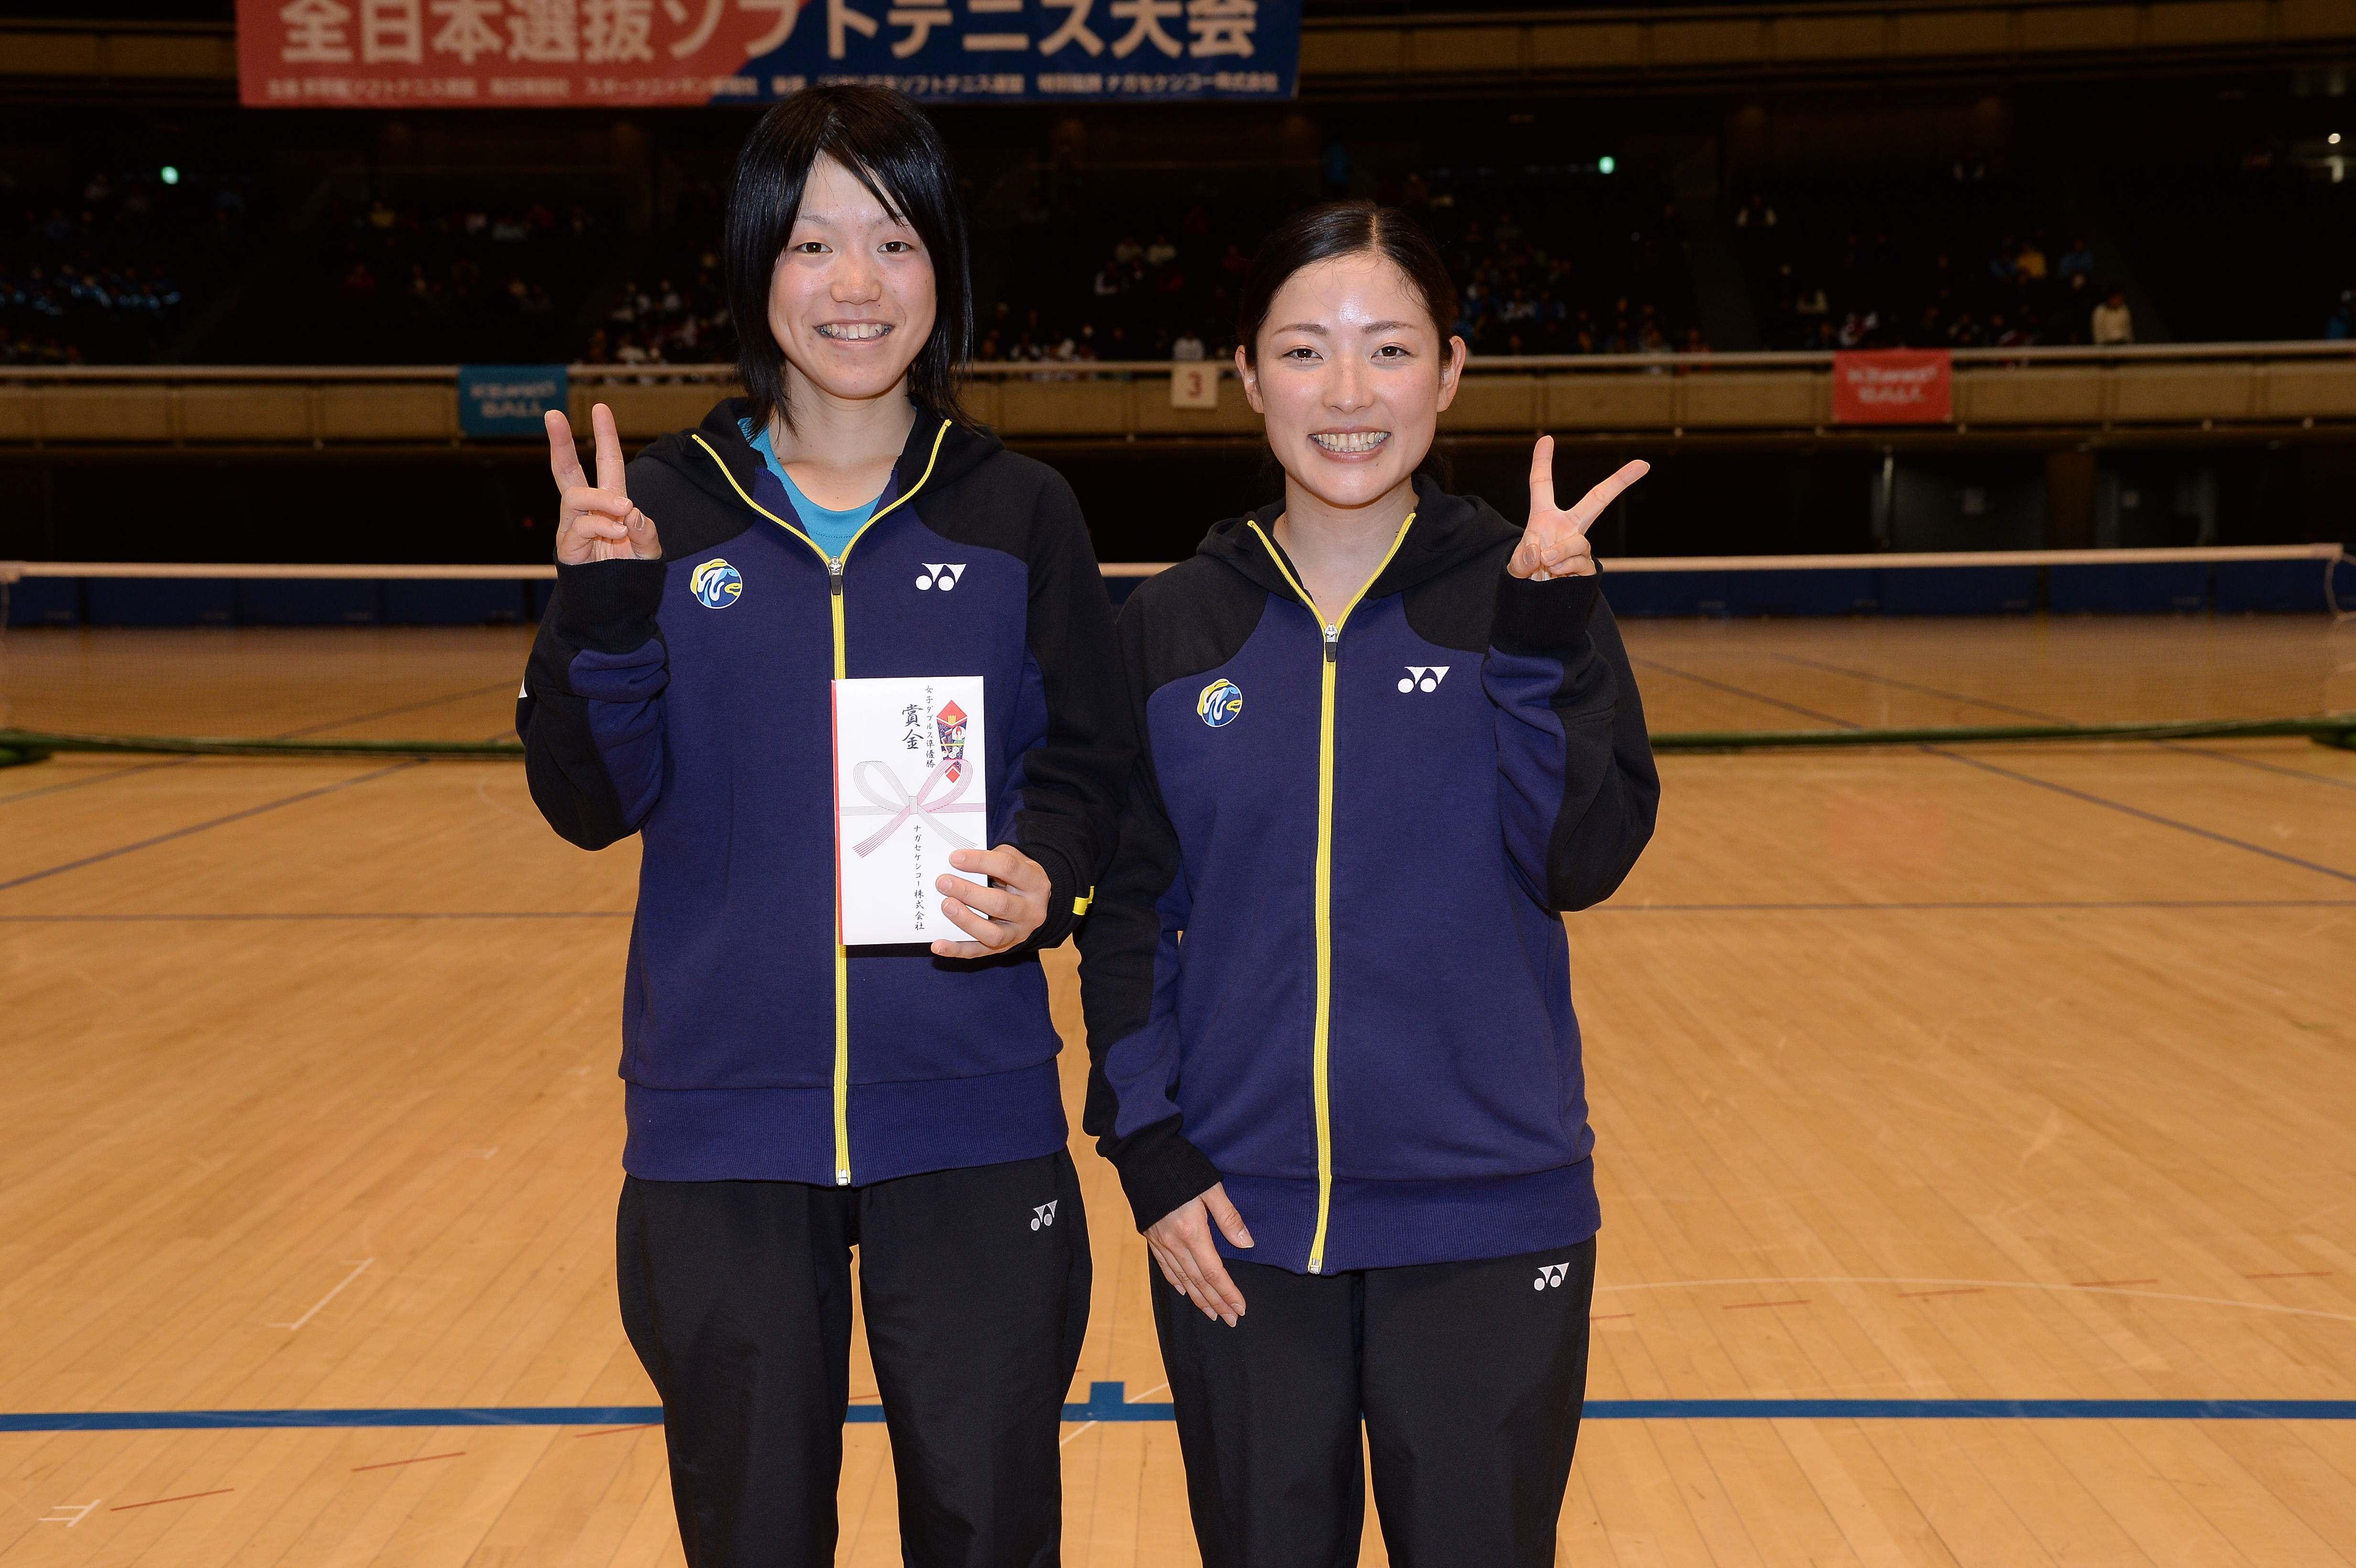 第62回全日本女子選抜・ダブルス2位の越智真琴/石井友梨(ワタキューセイモア)